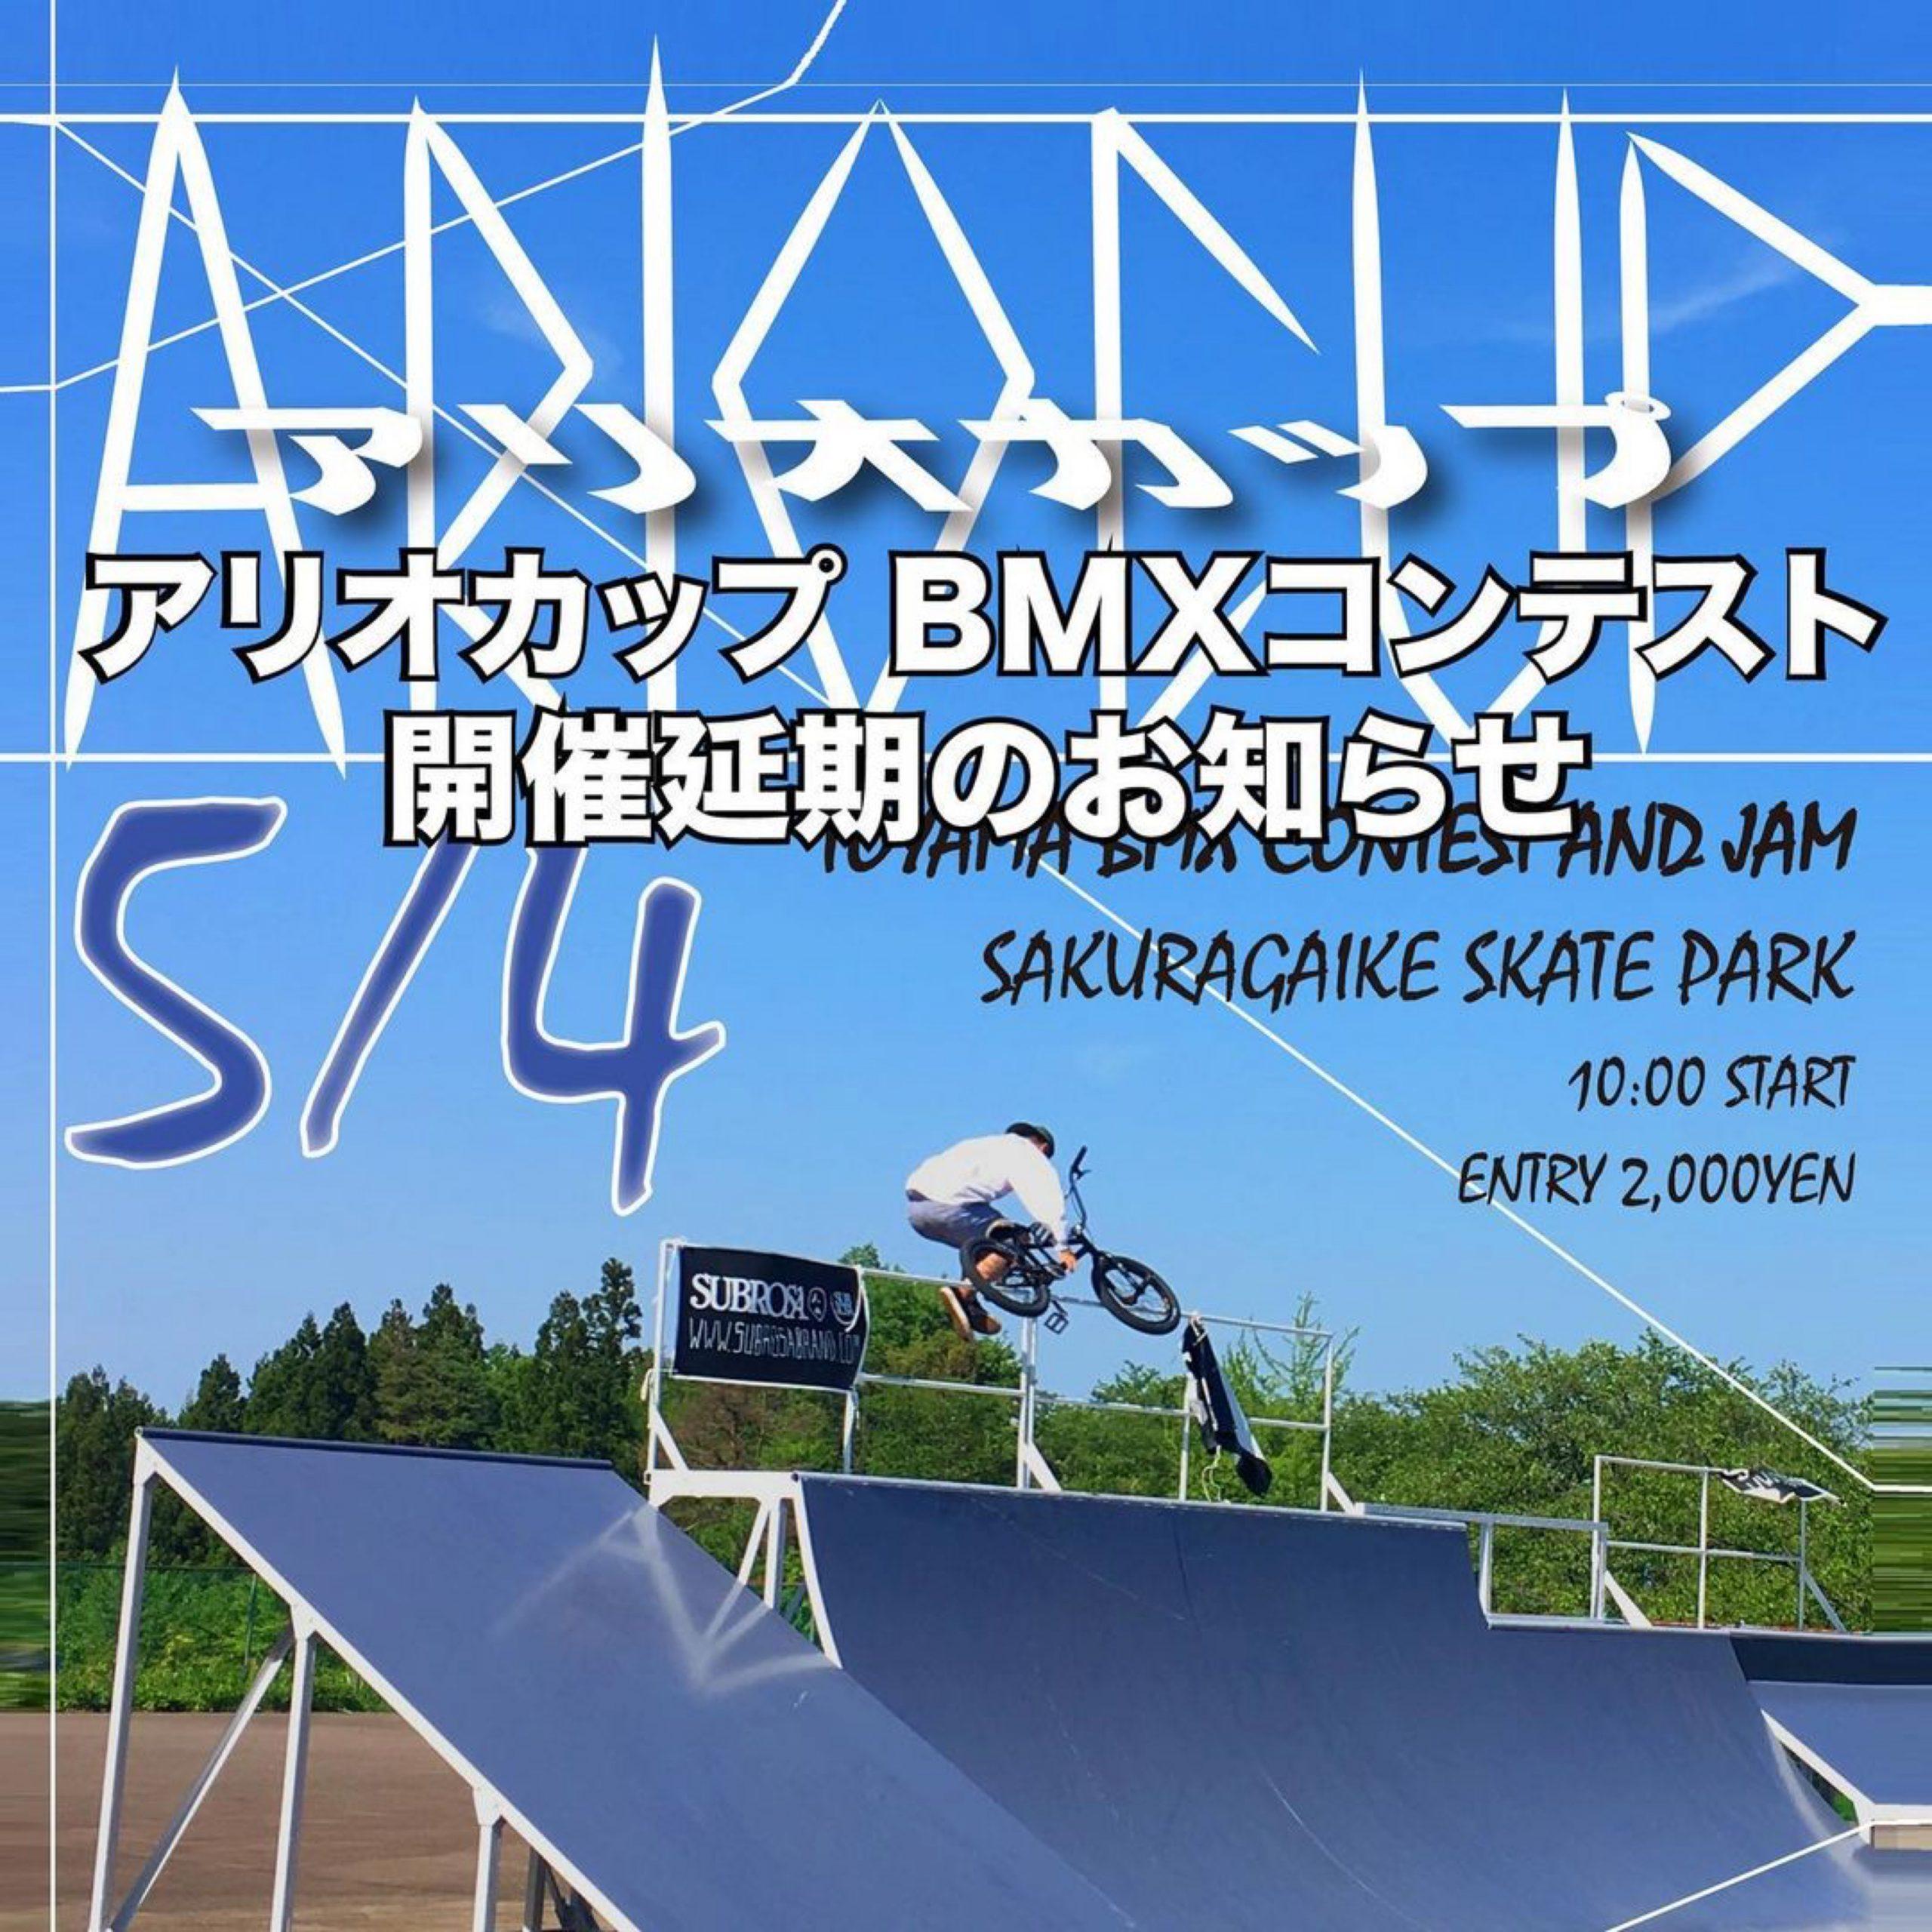 [延期のお知らせ] ARIO CUP BMXコンテスト